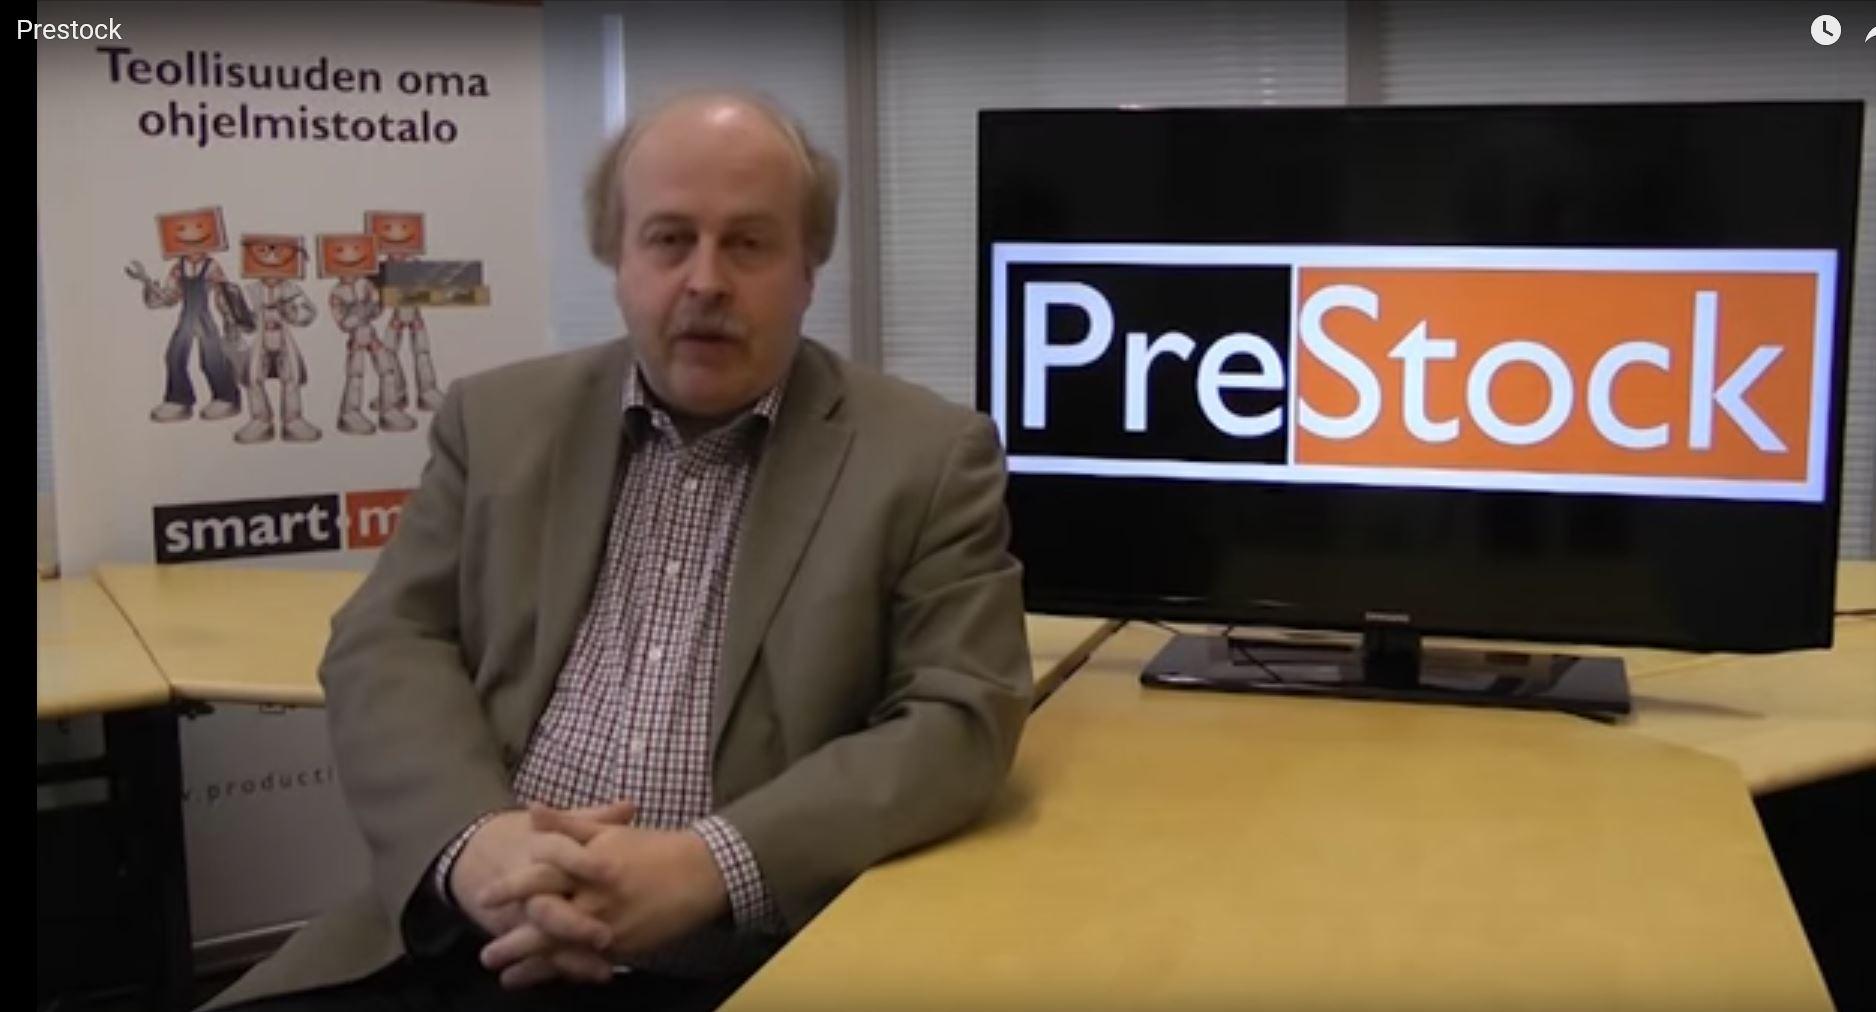 Prestock